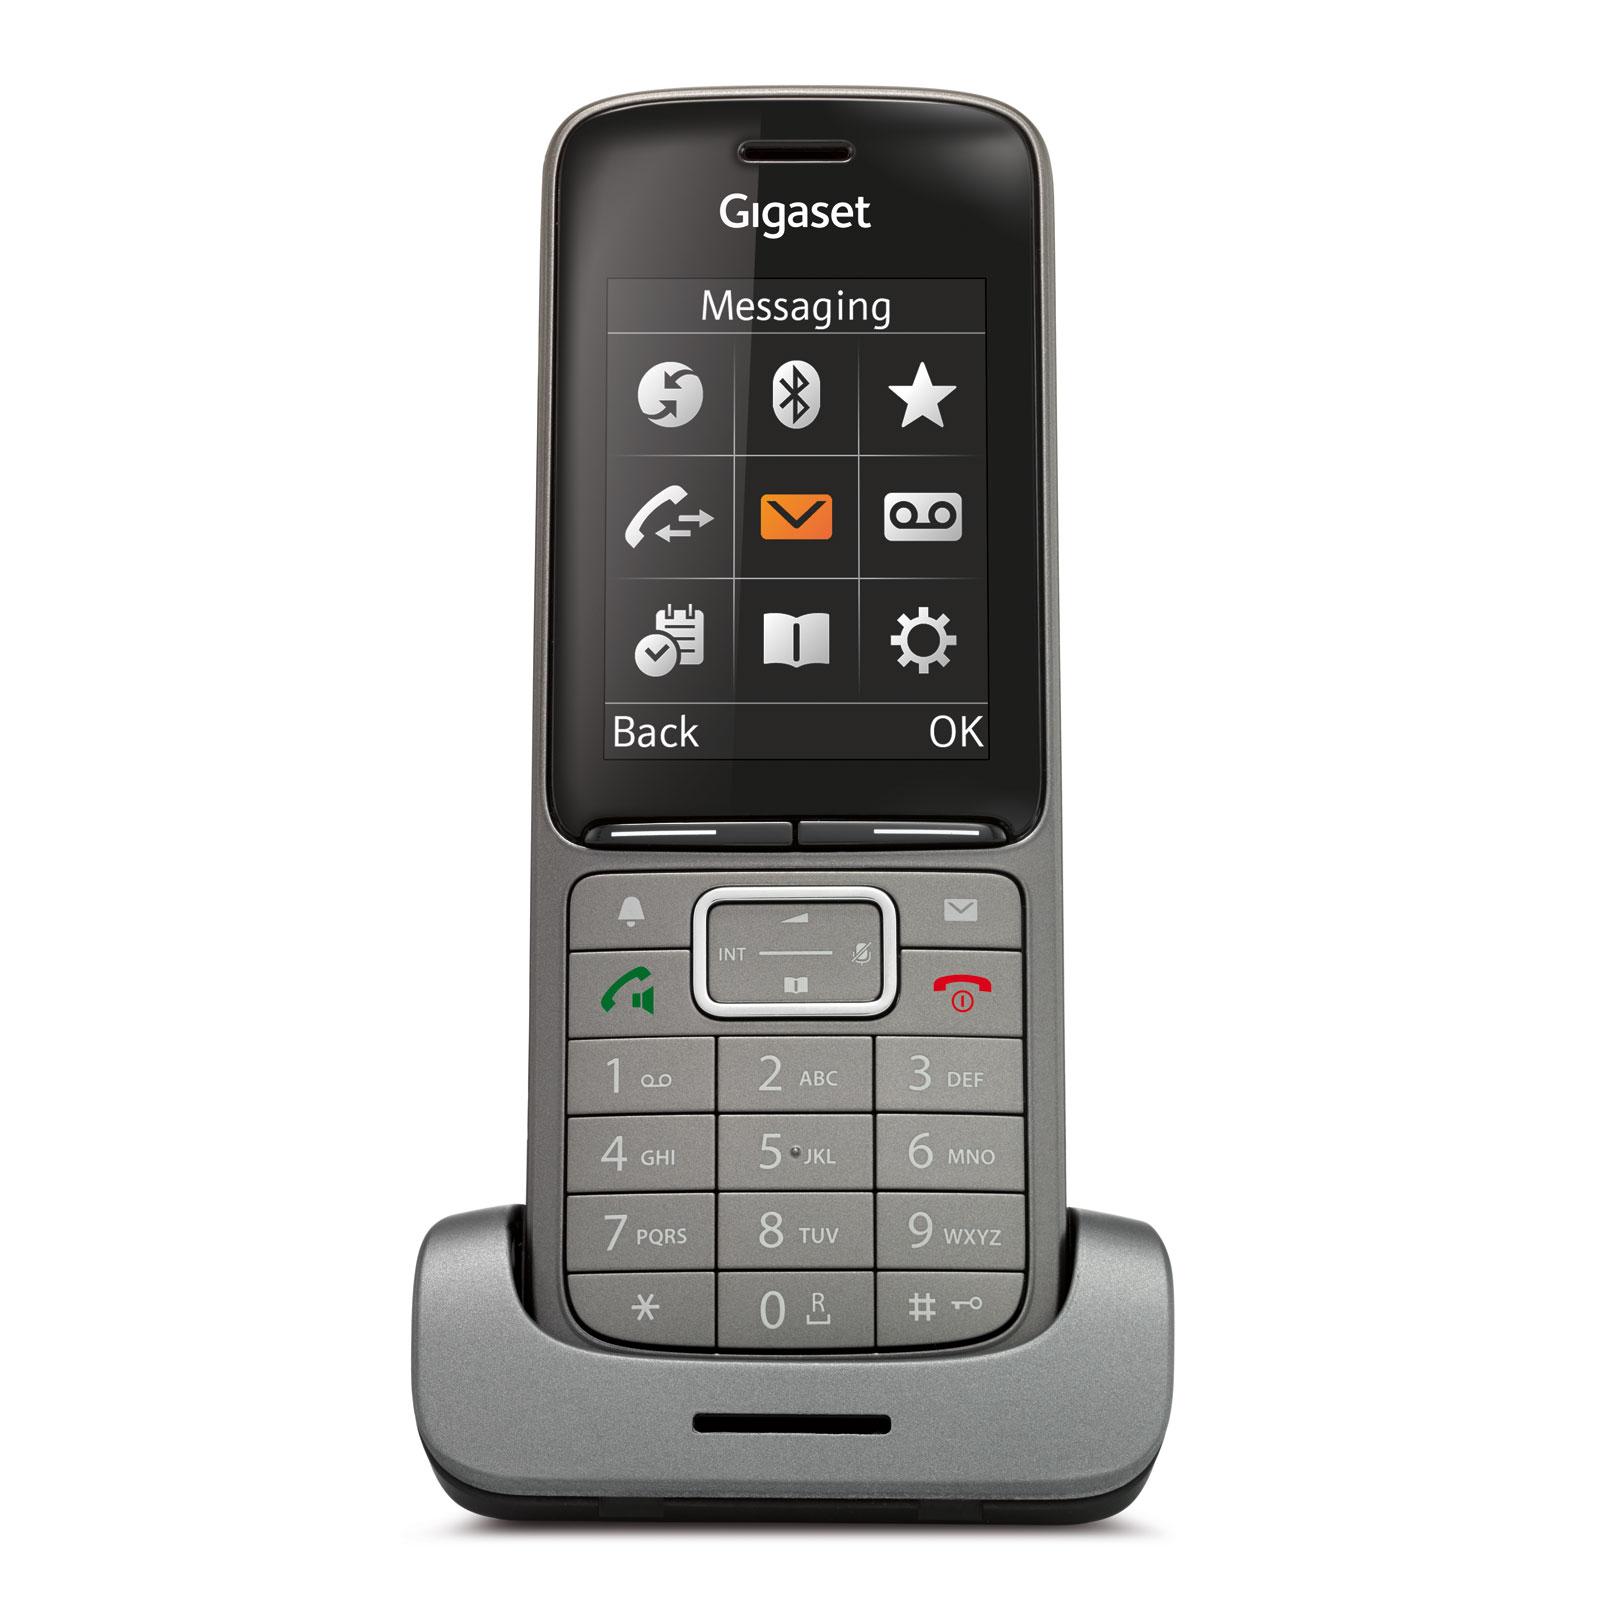 """Дополнительная трубка Gigaset SL750HGigaset SL750H - компактный и многофункциональный DECT IP-телефон, который отличается широким функционалом, прекрасным дизайном и удобным пользовательским интерфейсом. Трубка поддерживает функции, позволяющие настроить телефон так, как это необходимо именно Вам: Bluetooth, вибросигнал, аудио профили. Телефон легко совмещается с системами Gigasaet N720 и N510. Устройство оснащено дисплеем 2.4. Трубку очень удобно и приятно держать в руке.<br><br>Улучшенные акустические характеристики телефона Gigaset SL750H выводят его на качественно новый уровень. Великолепное качество звука гарантируется не только при использовании самой трубки, но и при подключении гарнитур, как проводных, так и беспроводных. Наличие аудио профилей позволяет задать несколько режимов громкости и переключаться между ними, когда это будет необходимо, нажатием одной кнопки. Предустановленные классические мелодии звучат четко и ярко.<br><br><br>Большой цветной TFT дисплей 2.4"""" с современным пользовательским интерфейсом<br><br>До 12 часов работы в режиме разговора. Возможность использовать телефон полный рабочий день без подзарядки<br><br>Простота настройки: достаньте и подключите - телефон готов к совершению вызова<br><br>Отличное качество звука и максимальная громкость при использовании гарнитуры<br><br>Современный дизайн, компактный размер<br><br>Полная совместимость с системами Gigaset N510 и N720<br><br>Встроенная телефонная книга в возможностью поиска, а также поддержка корпоративных сетевых телефонных книг<br><br>Подключение гарнитур через Bluetooth или через разъем 2.5<br><br>Удобный обмен данными через Bluetooth или micro USB<br><br>PIN-код<br><br>Питание через micro-USB<br><br>Защита от царапин<br><br>Вес кг: 0.40000000"""